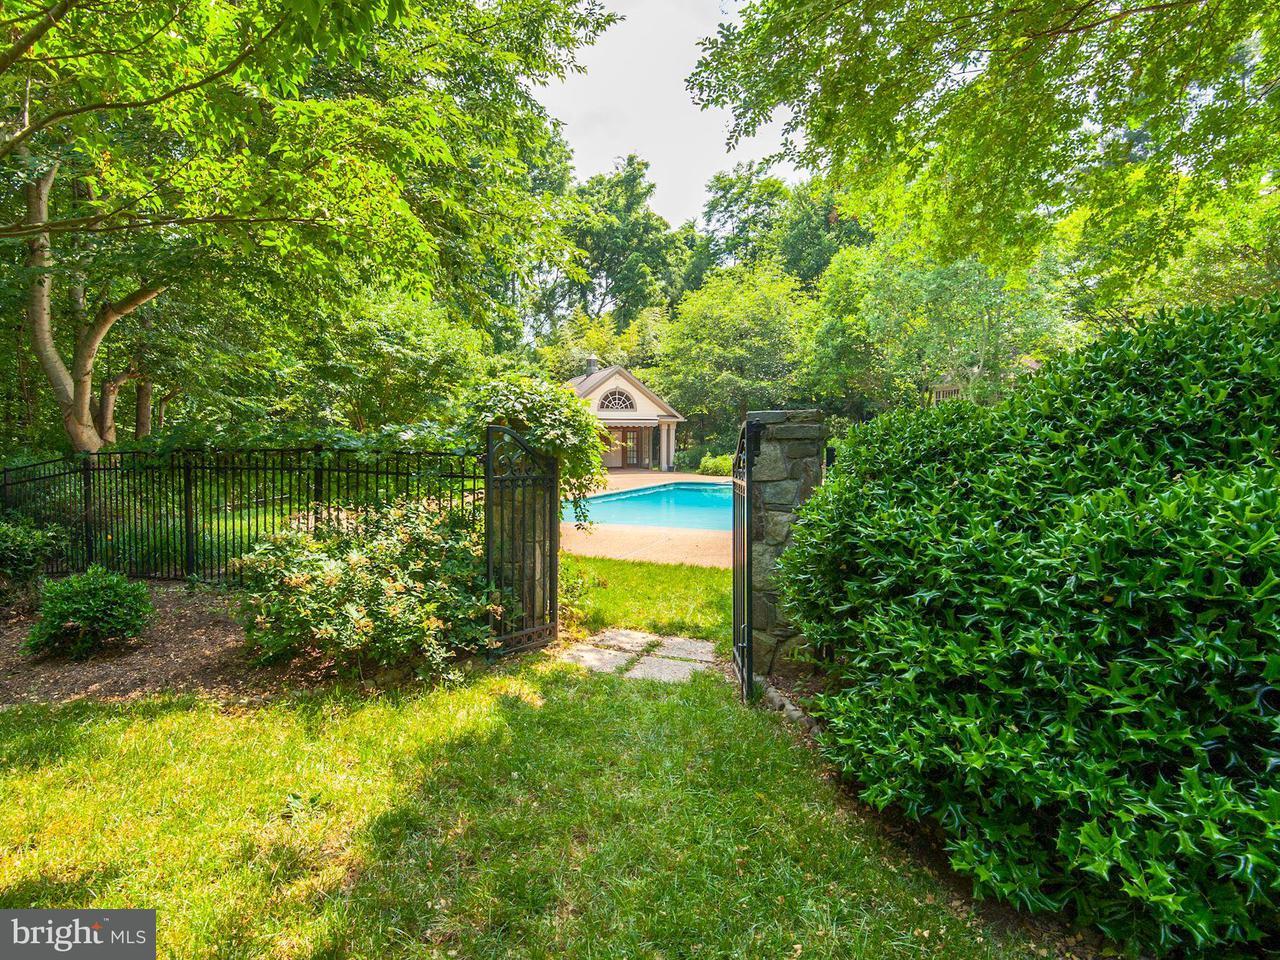 Частный односемейный дом для того Продажа на 6221 TWIN LAKES Court 6221 TWIN LAKES Court Clifton, Виргиния 20124 Соединенные Штаты